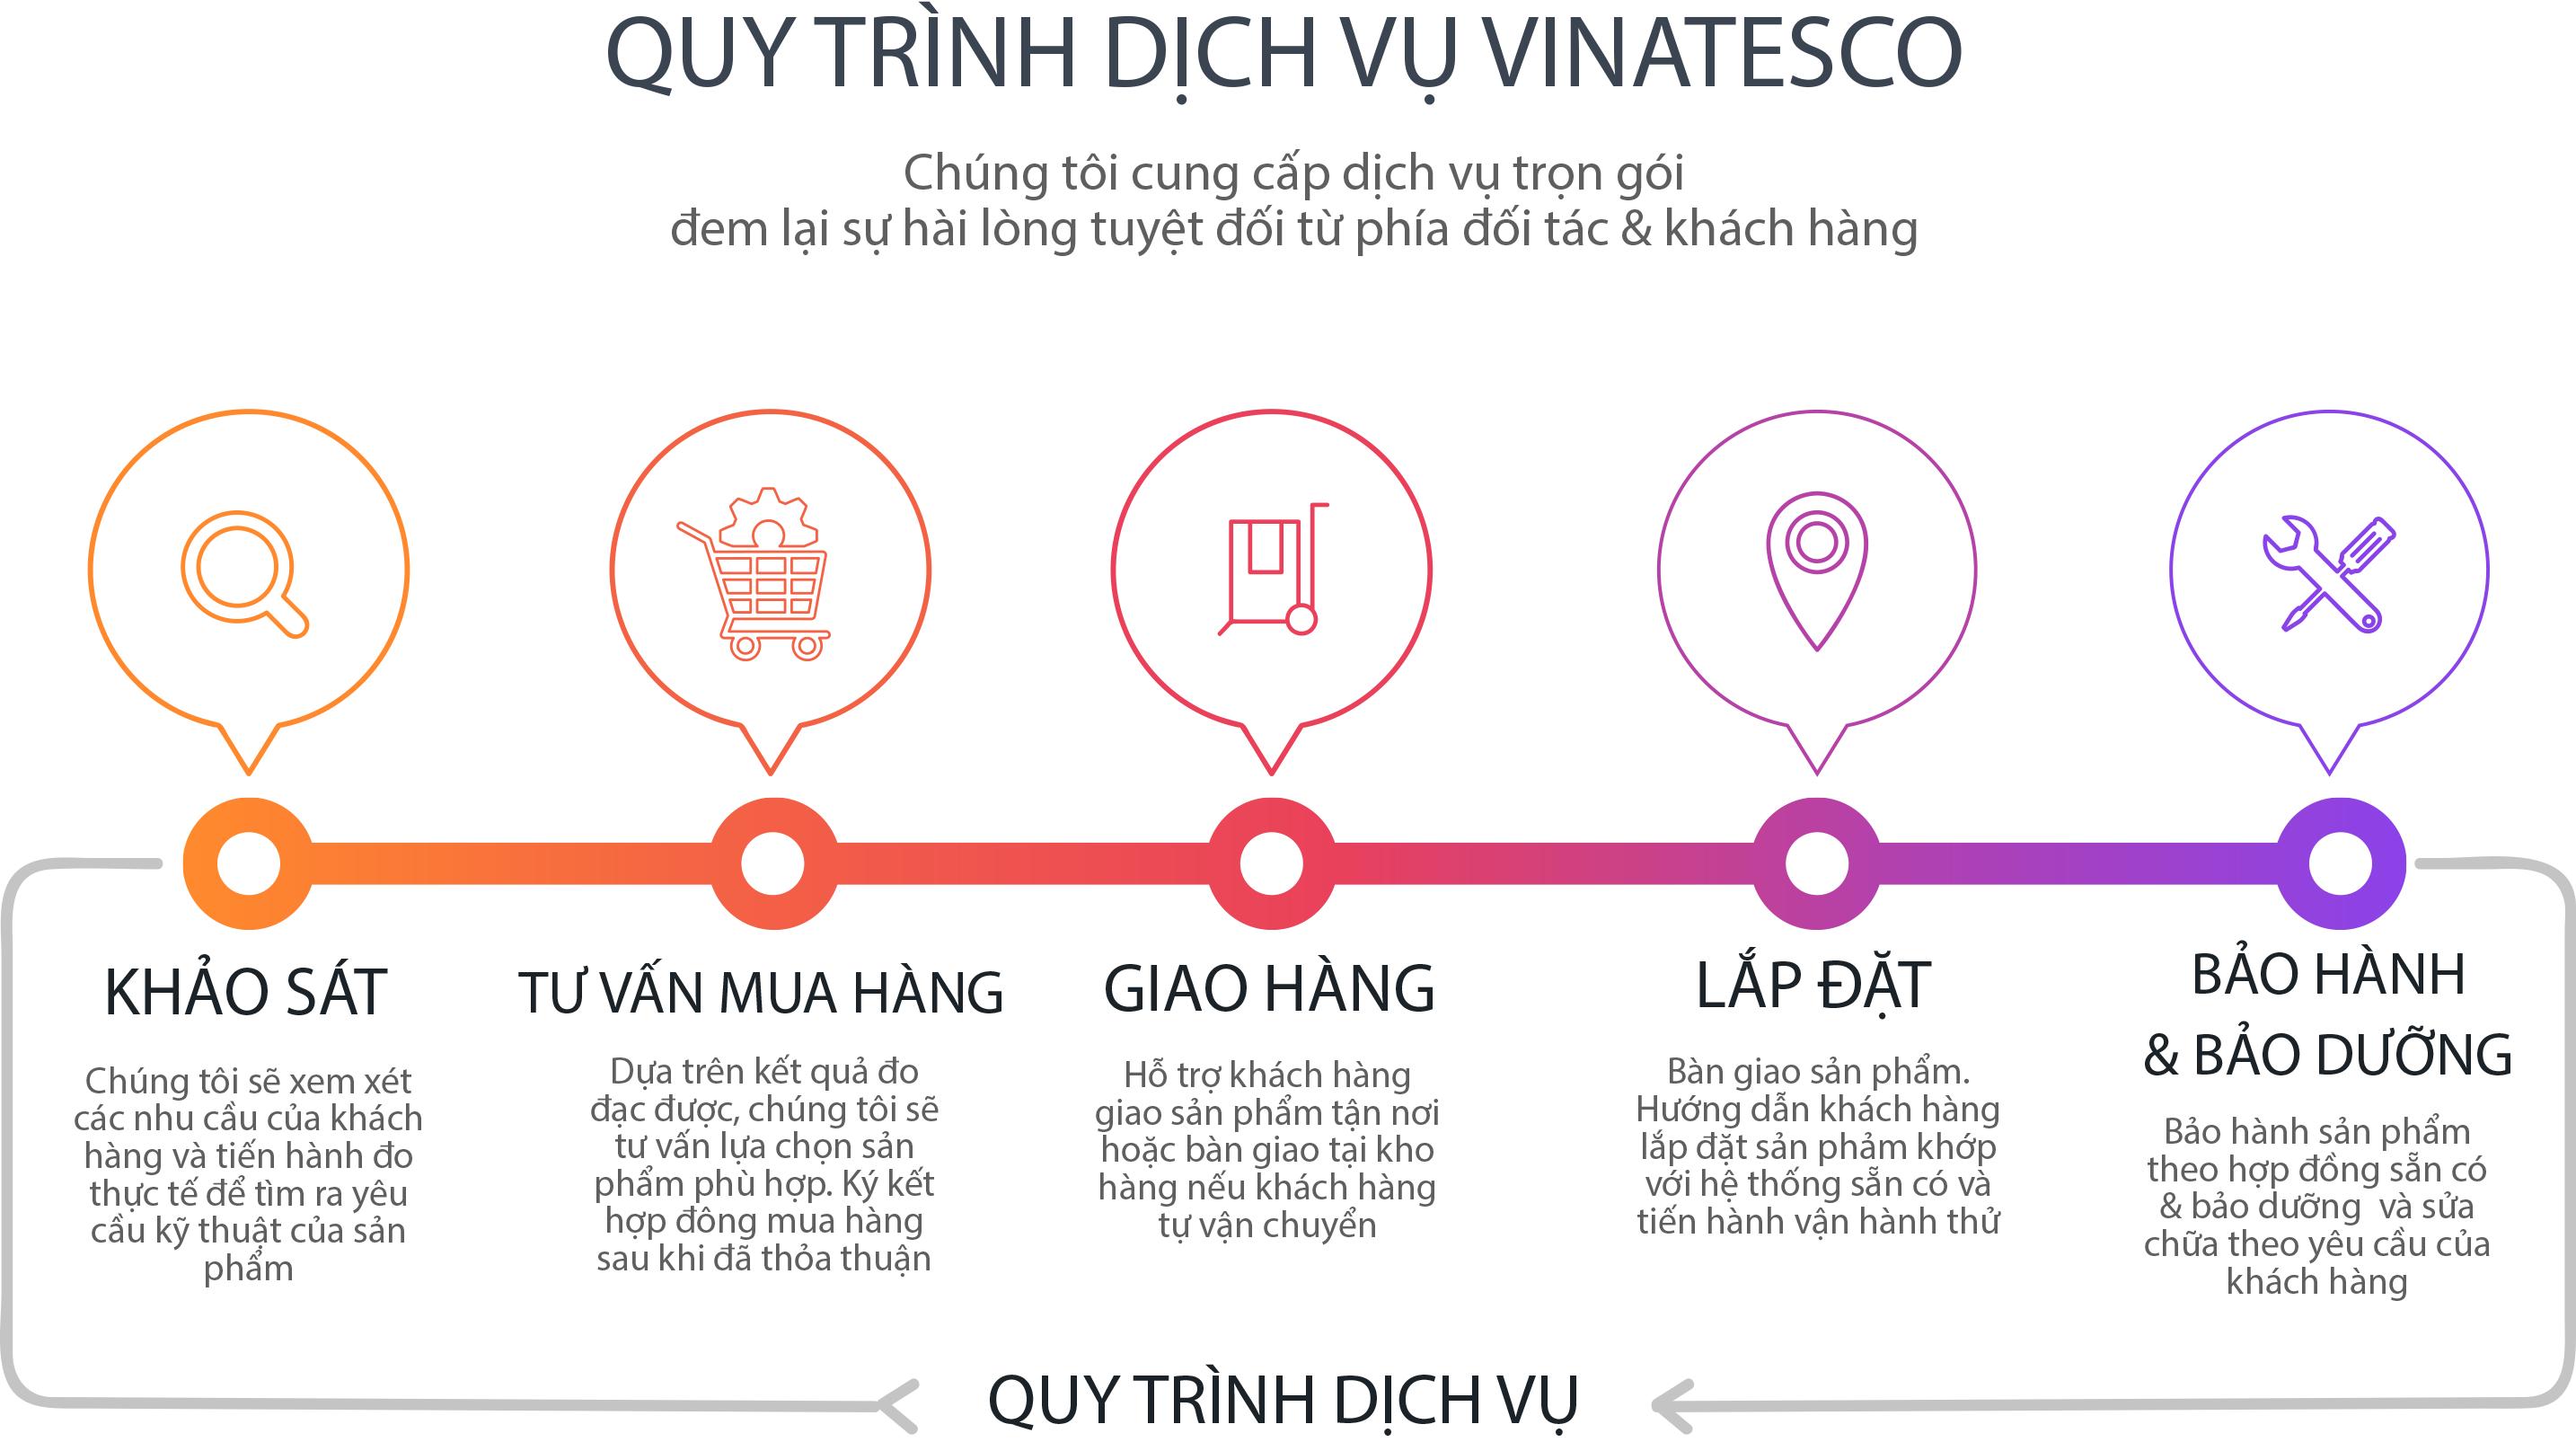 Quy trình dịch vụ VINATESCO